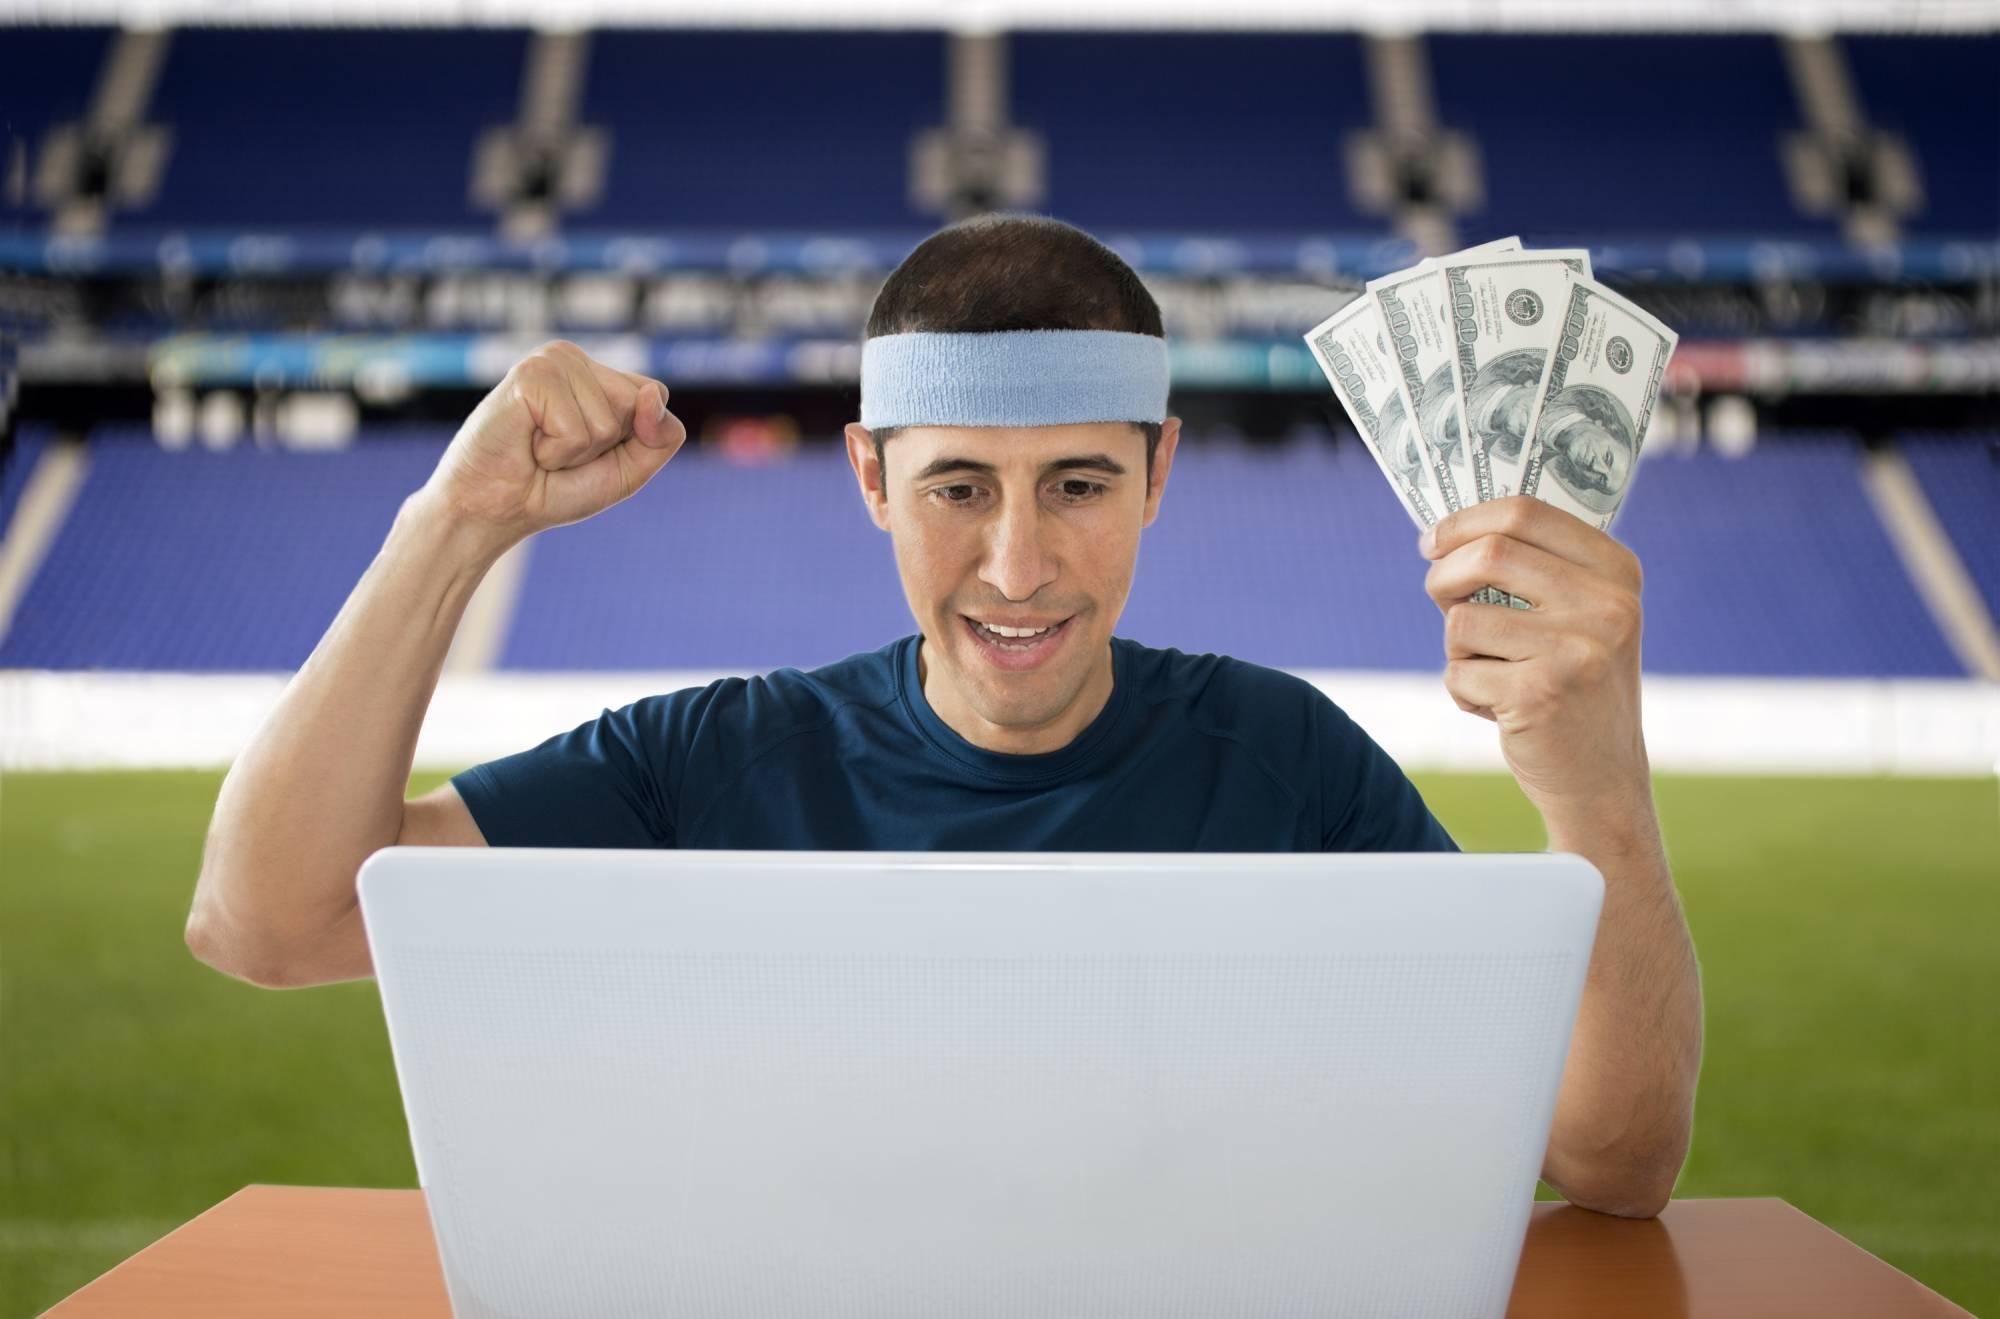 Заработок на бесплатных прогнозах на спорт